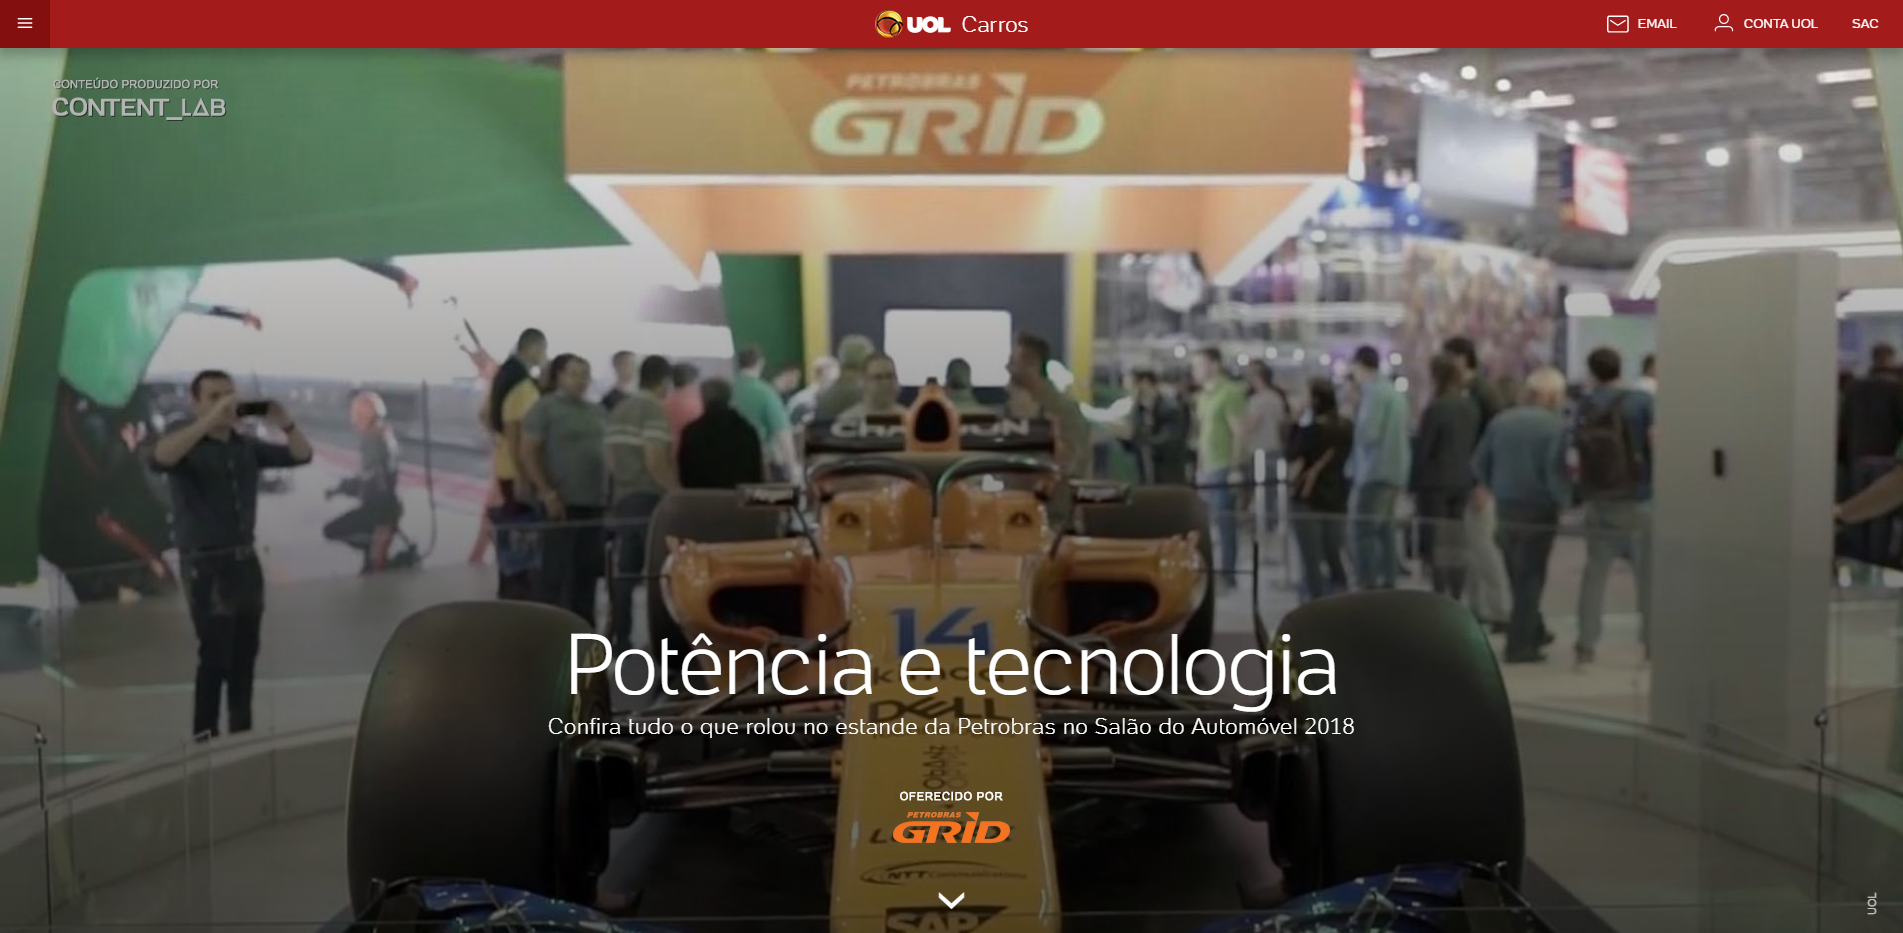 Petrobras - Salão do Automóvel.png